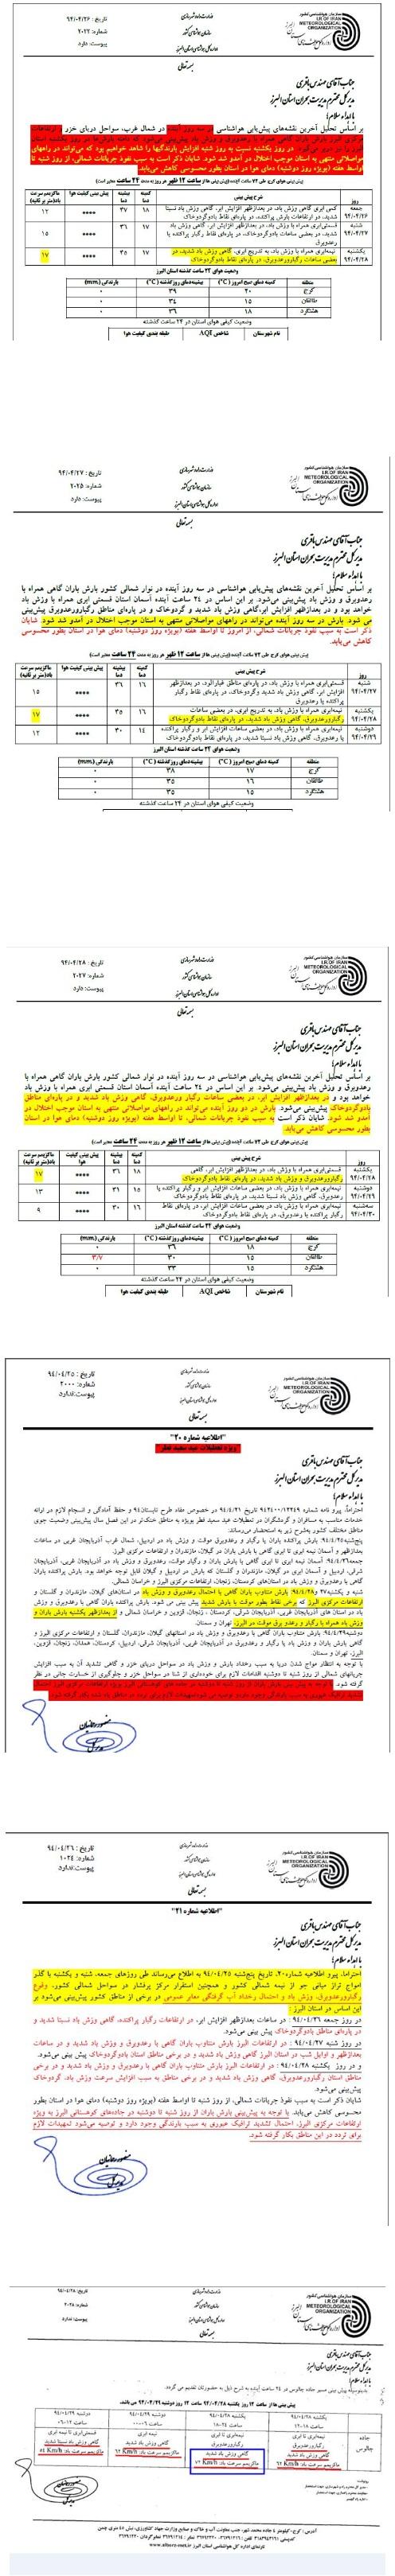 اسناد اخطار هواشناسی به مدیران استان البرز